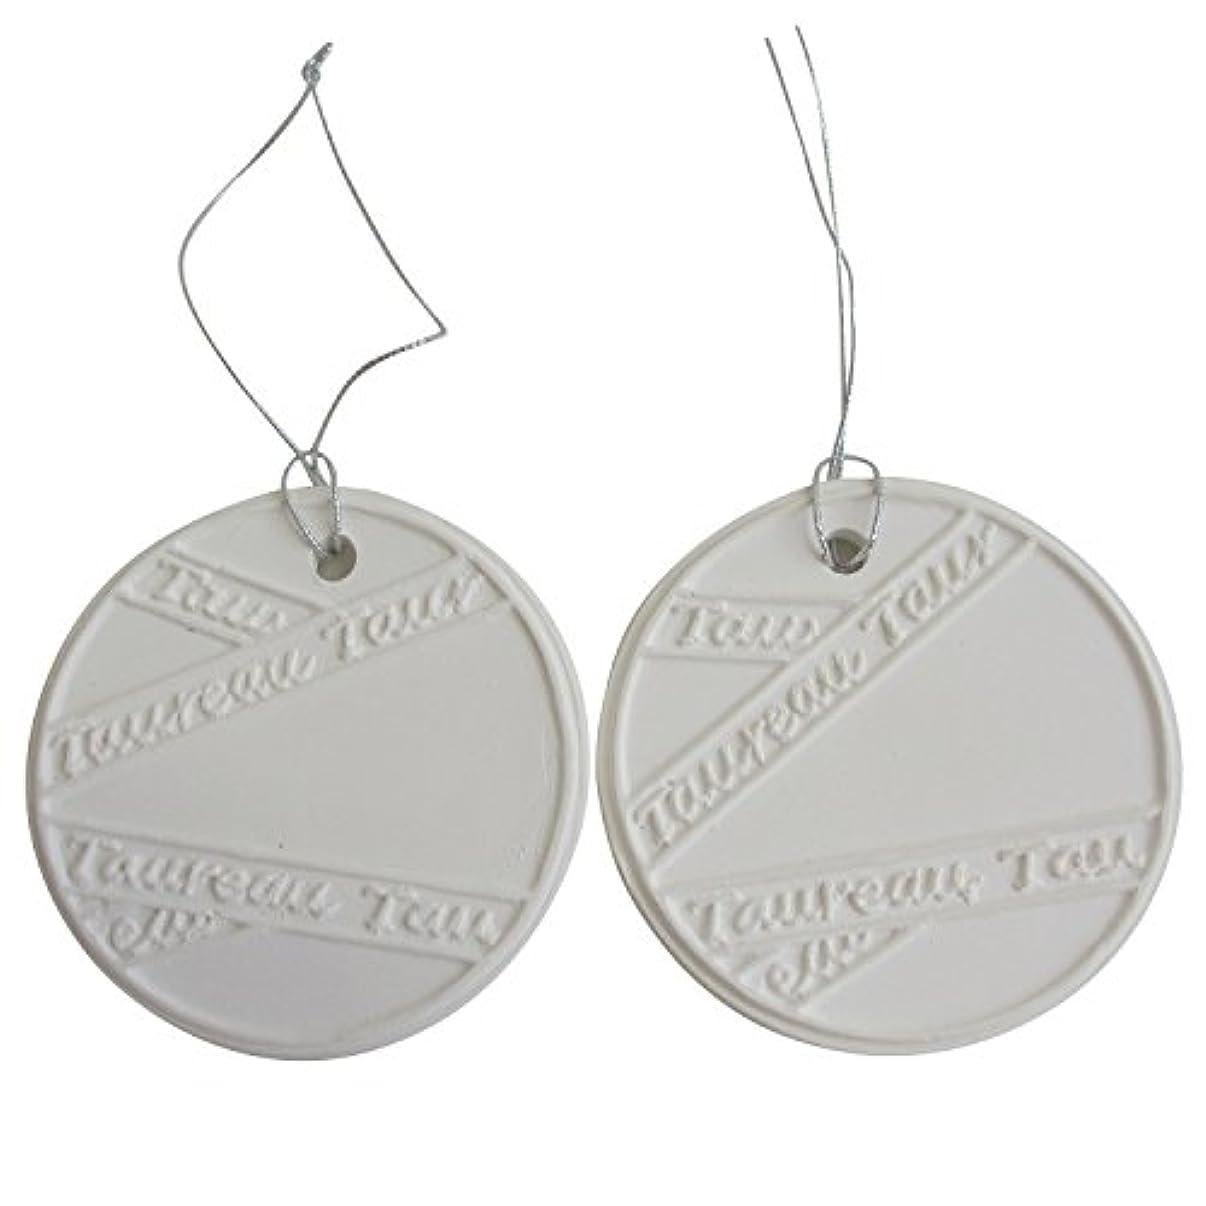 弾薬明らかにするボーナスアロマストーン ホワイトコイン2セット(リボン2) アクセサリー 小物 キーホルダー アロマディフューザー ペンダント 陶器製